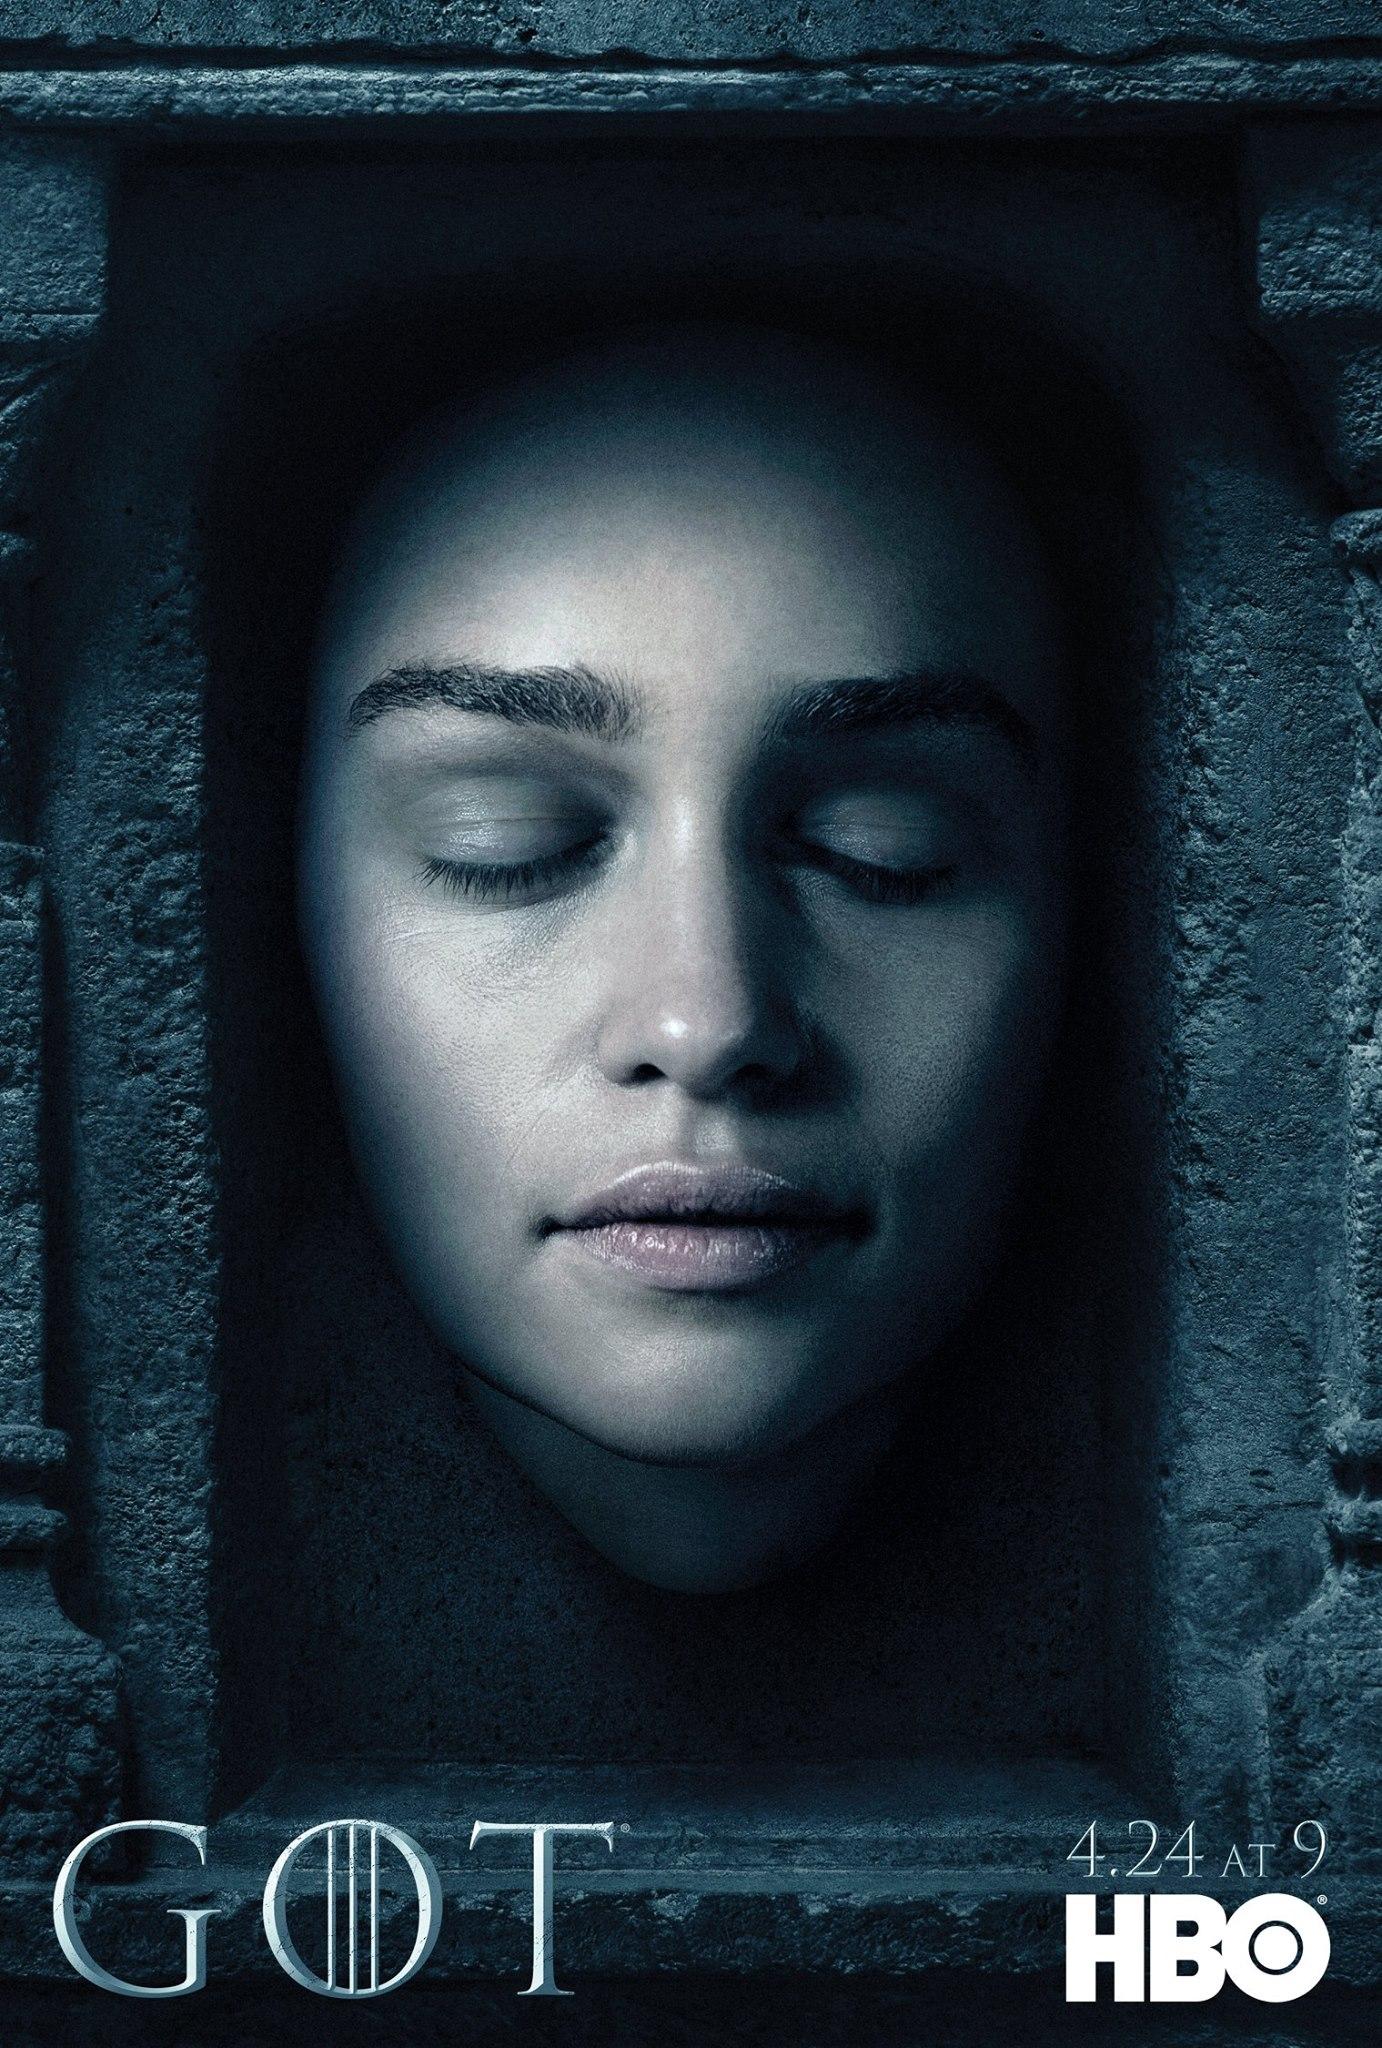 Il trono di spade: il character poster di Daenerys